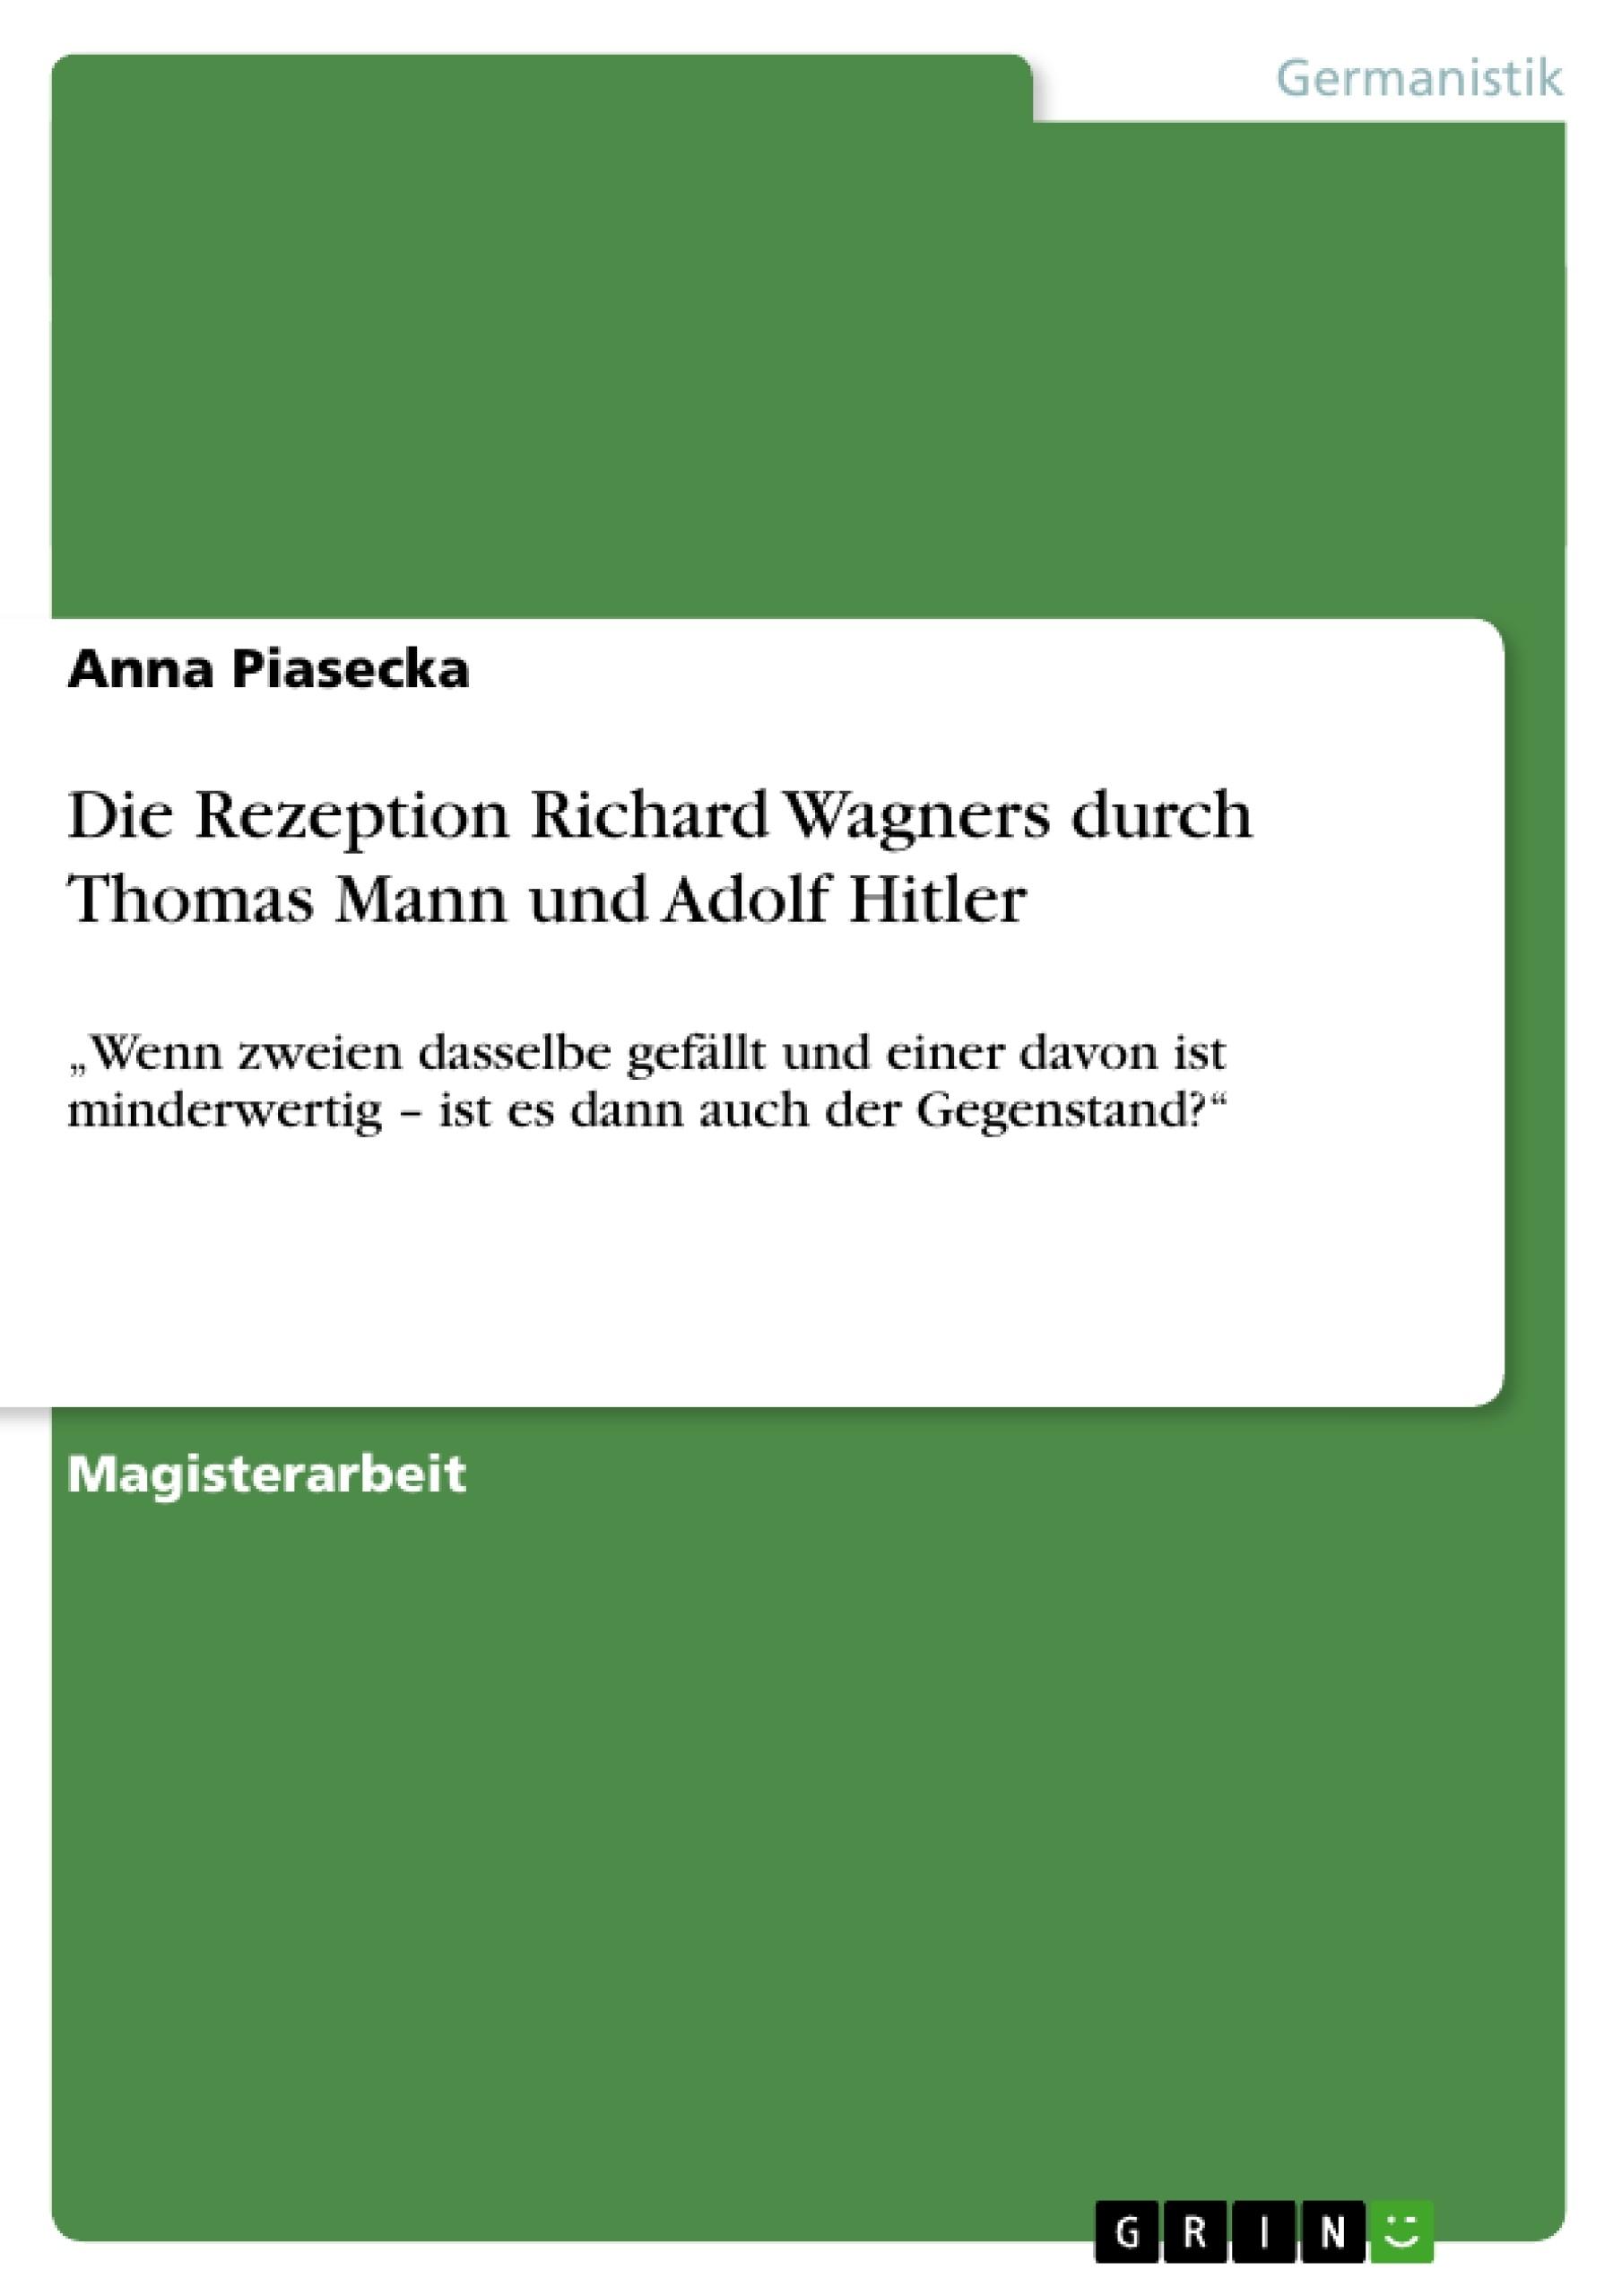 Titel: Die Rezeption Richard Wagners durch Thomas Mann  und Adolf Hitler